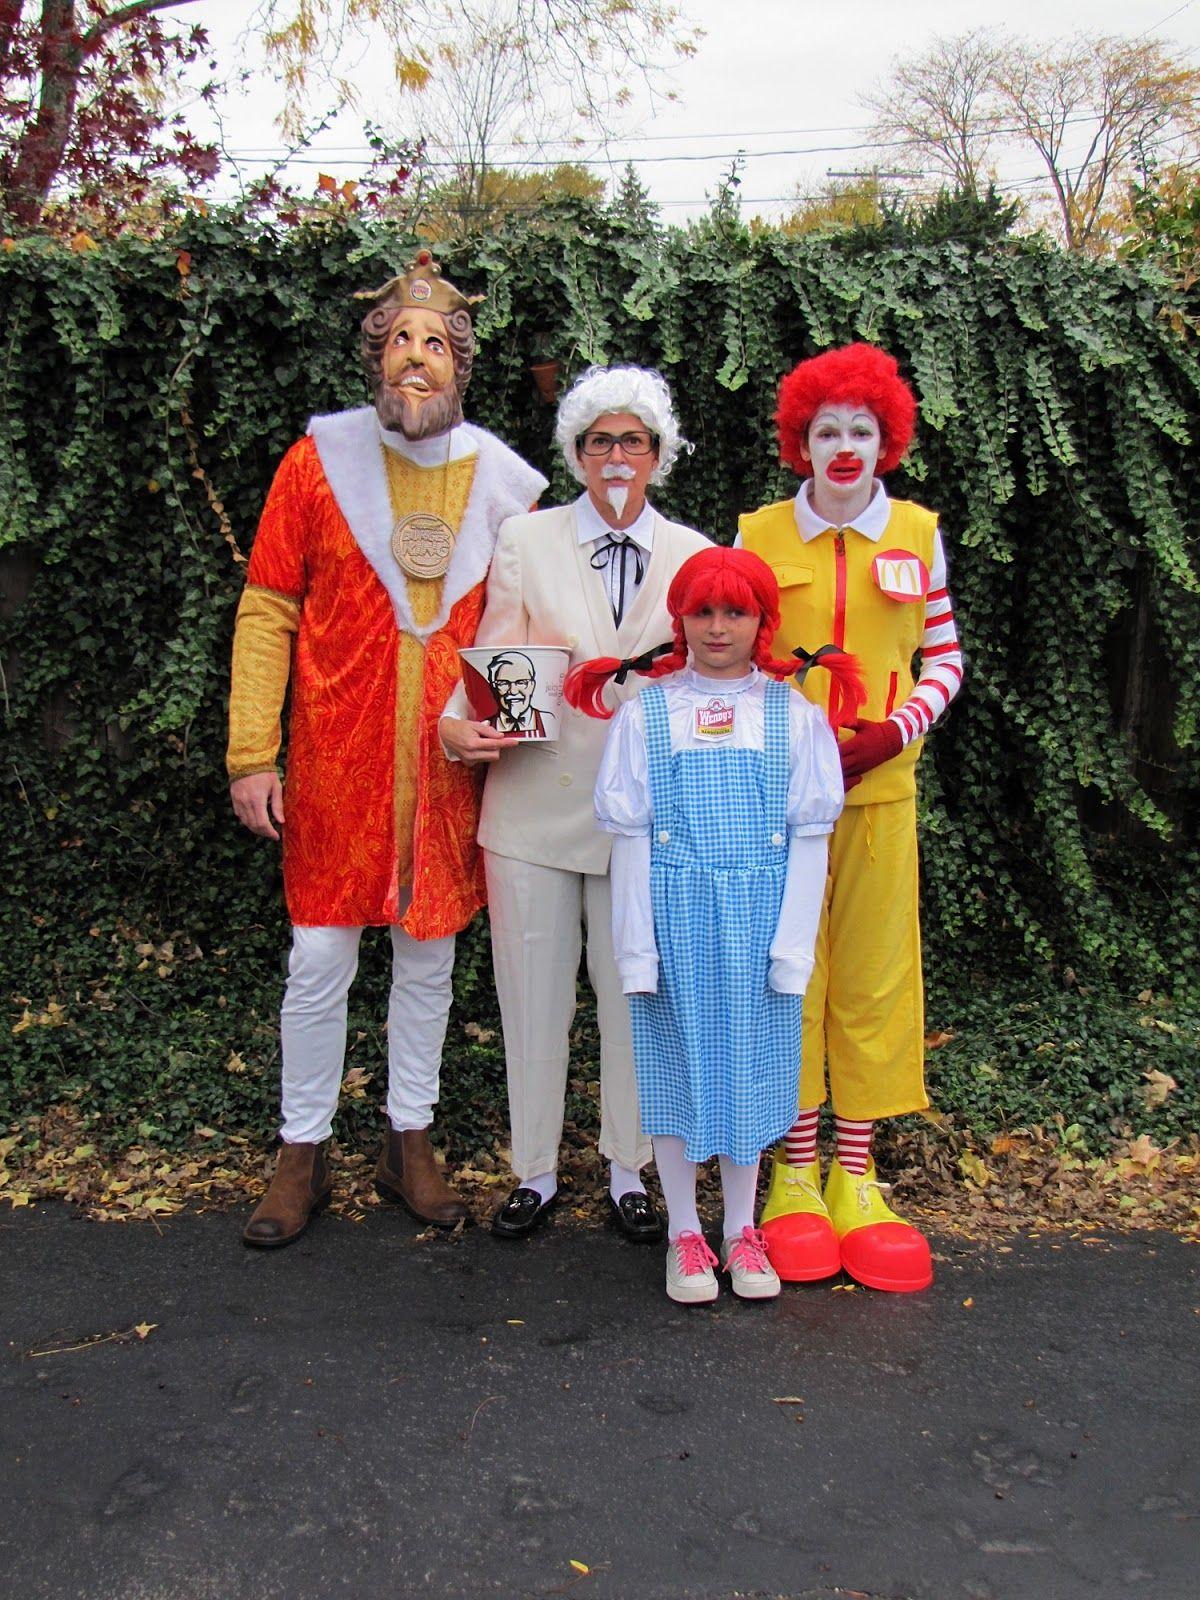 130 Winning Group Halloween Costume Ideas | Group halloween ...